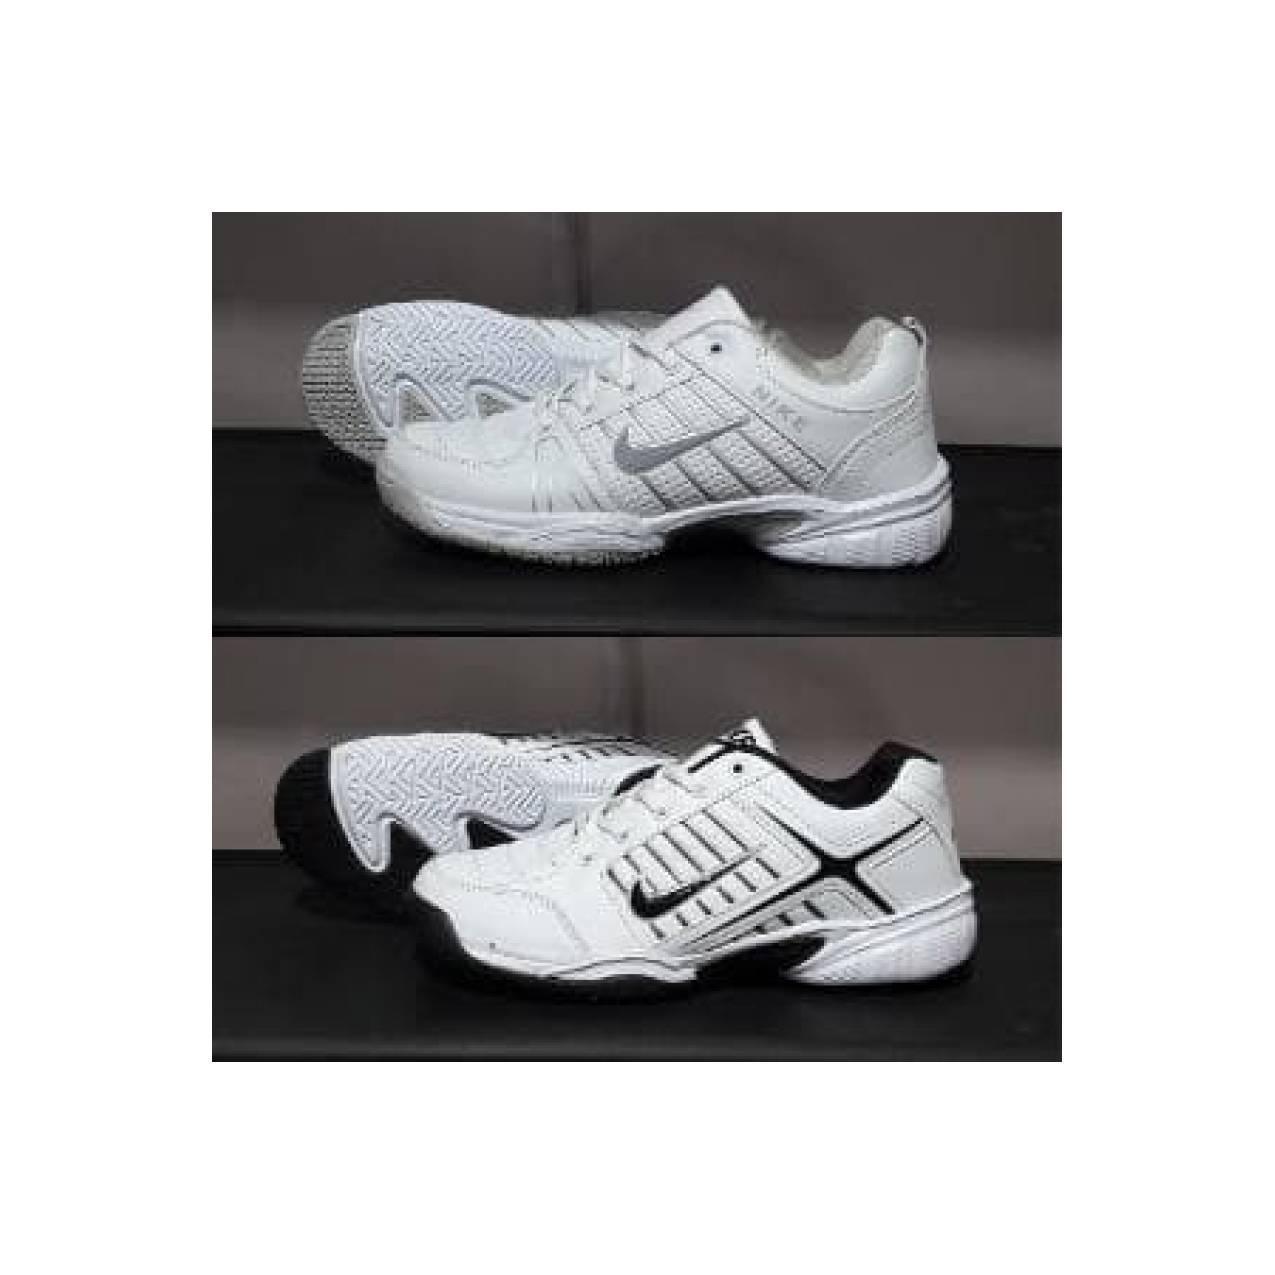 sepatu nike tenis.sepatu badminton.sepatu pria olahraga